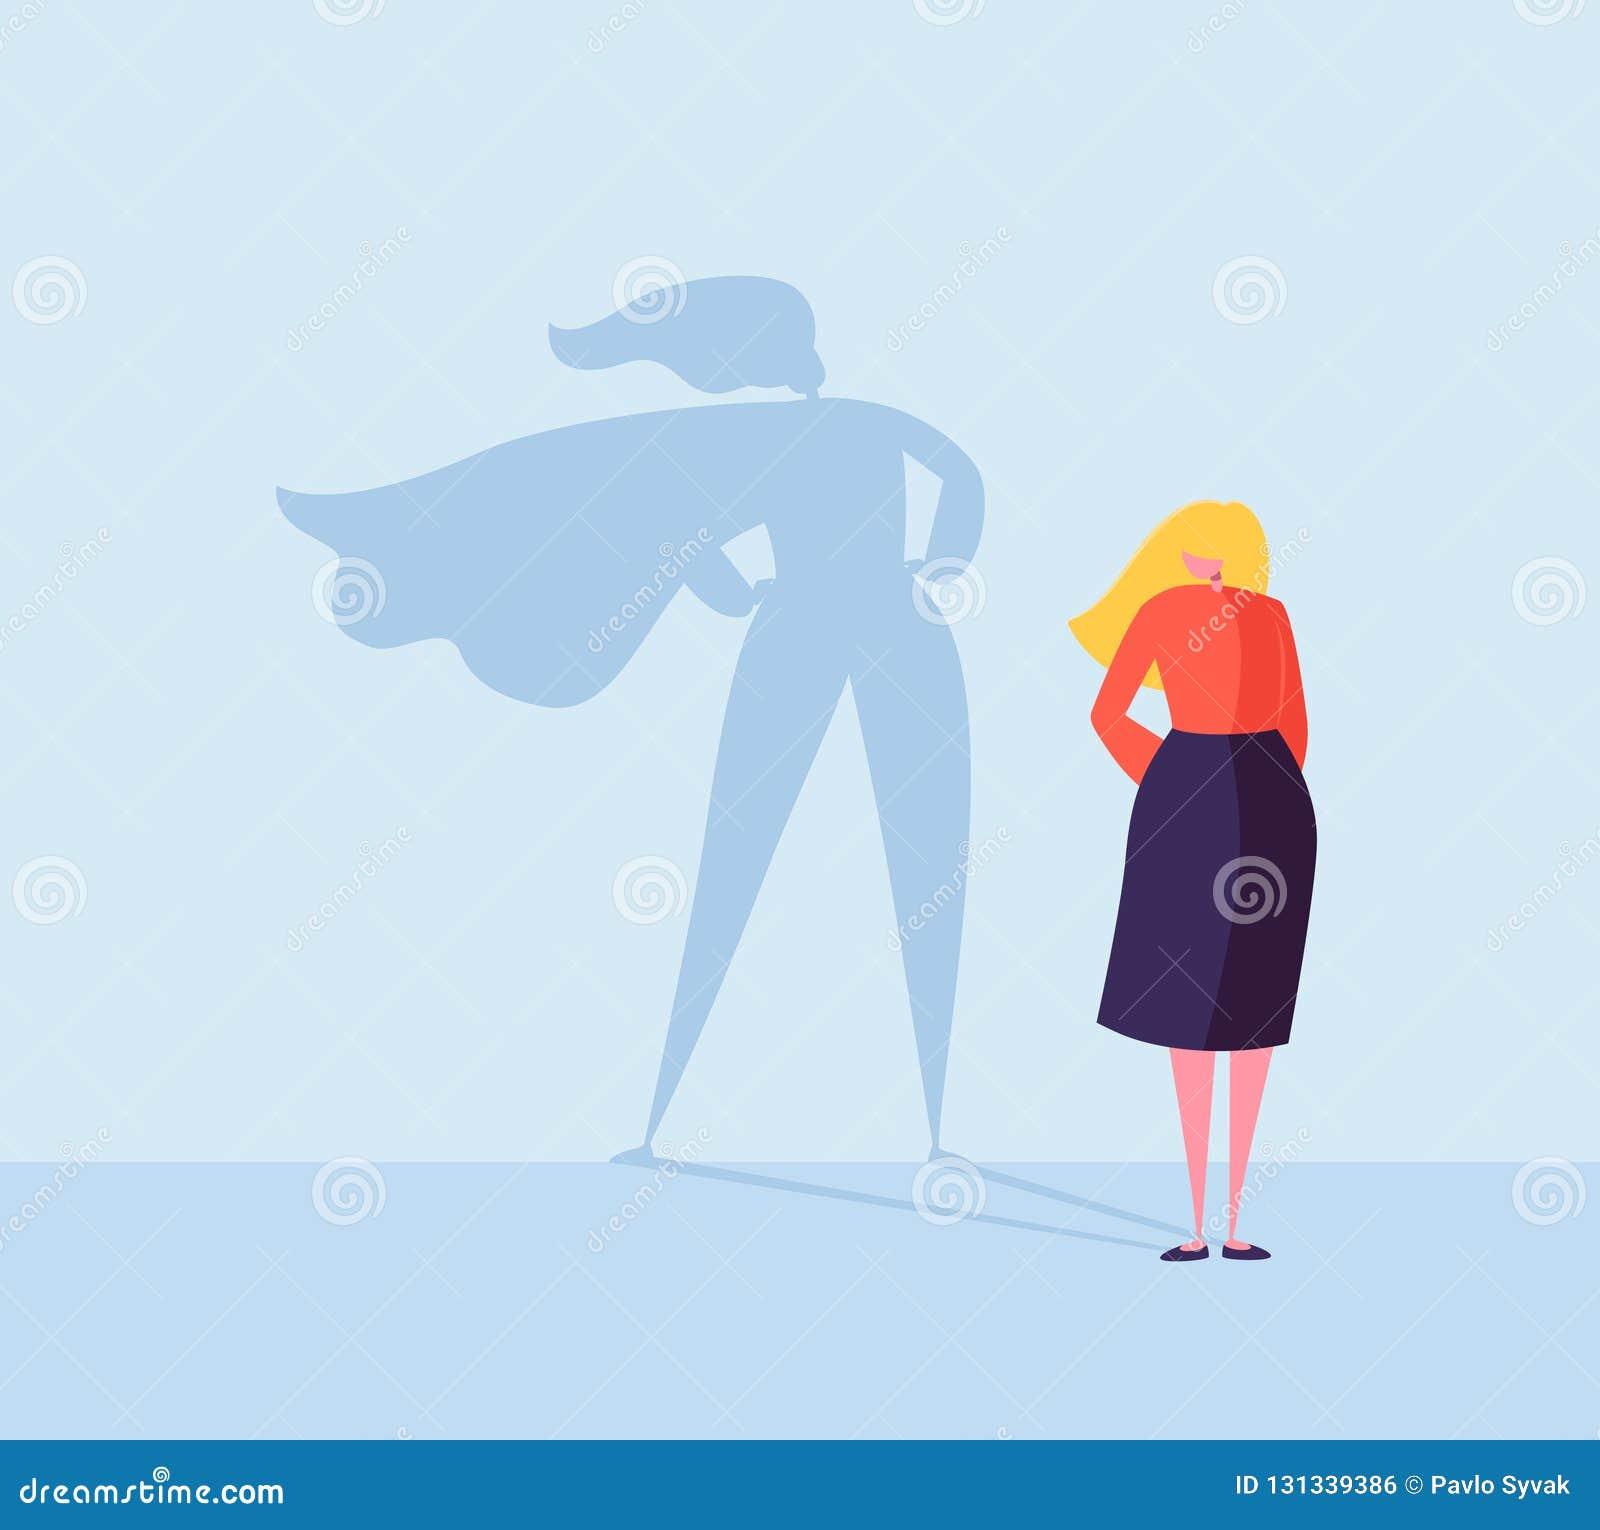 Bedrijfsvrouw met een Super Heldenschaduw Vrouwelijk Karakter met Kaapsilhouet Onderneemster Leadership Motivation